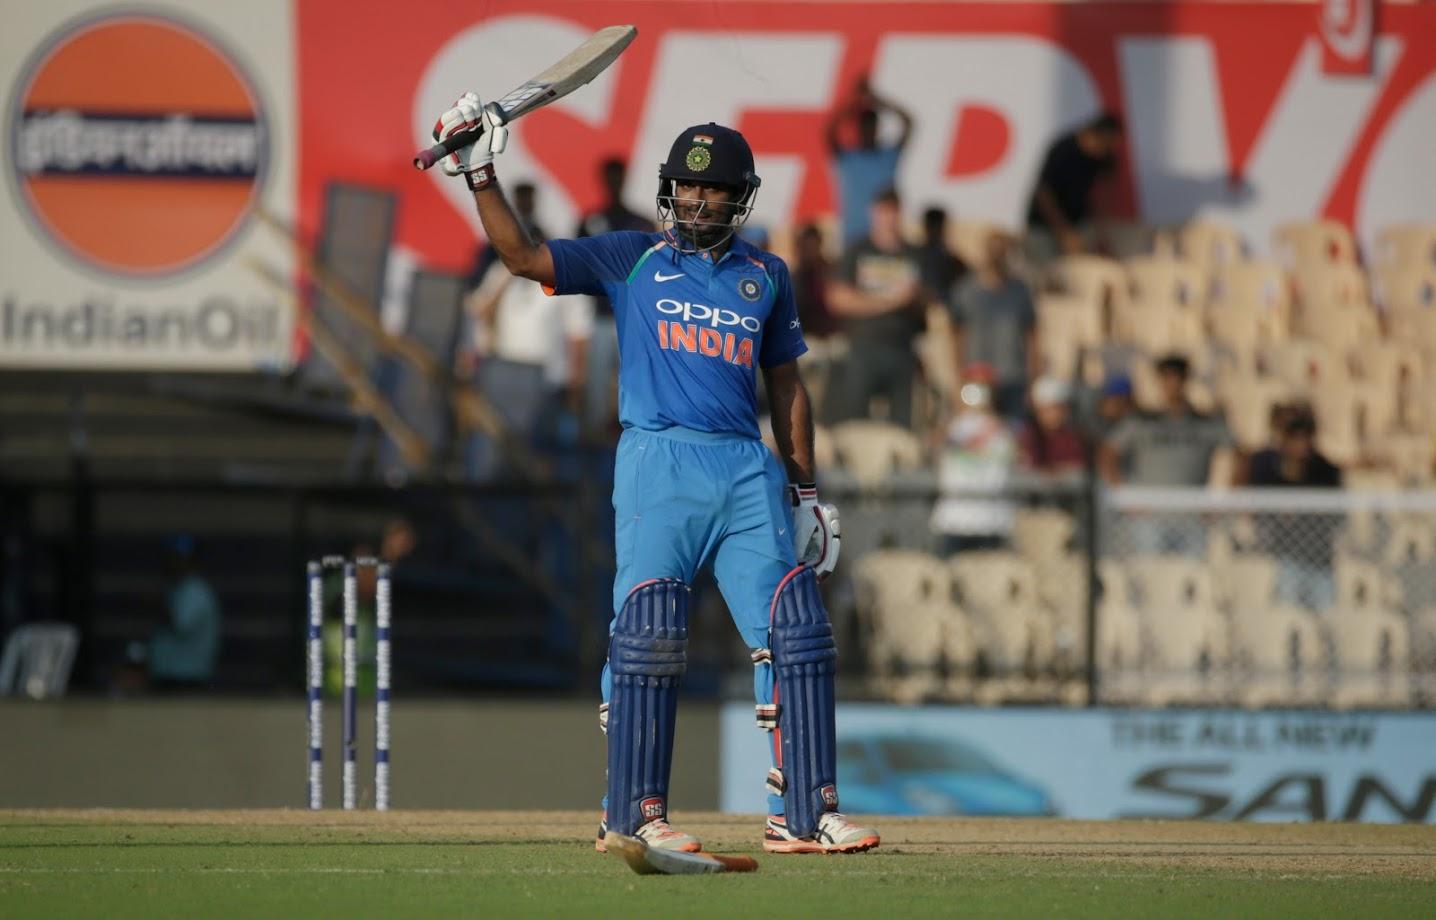 भारताने पहिल्या चार षटकांत ४ धावा काढत ३ विकेट गमावल्या. शिखरला जेसन बेहरेनडॉर्फने पायचीत करत तंबूचा रस्ता दाखवला. शिखर शुन्यावर बाद झाला.